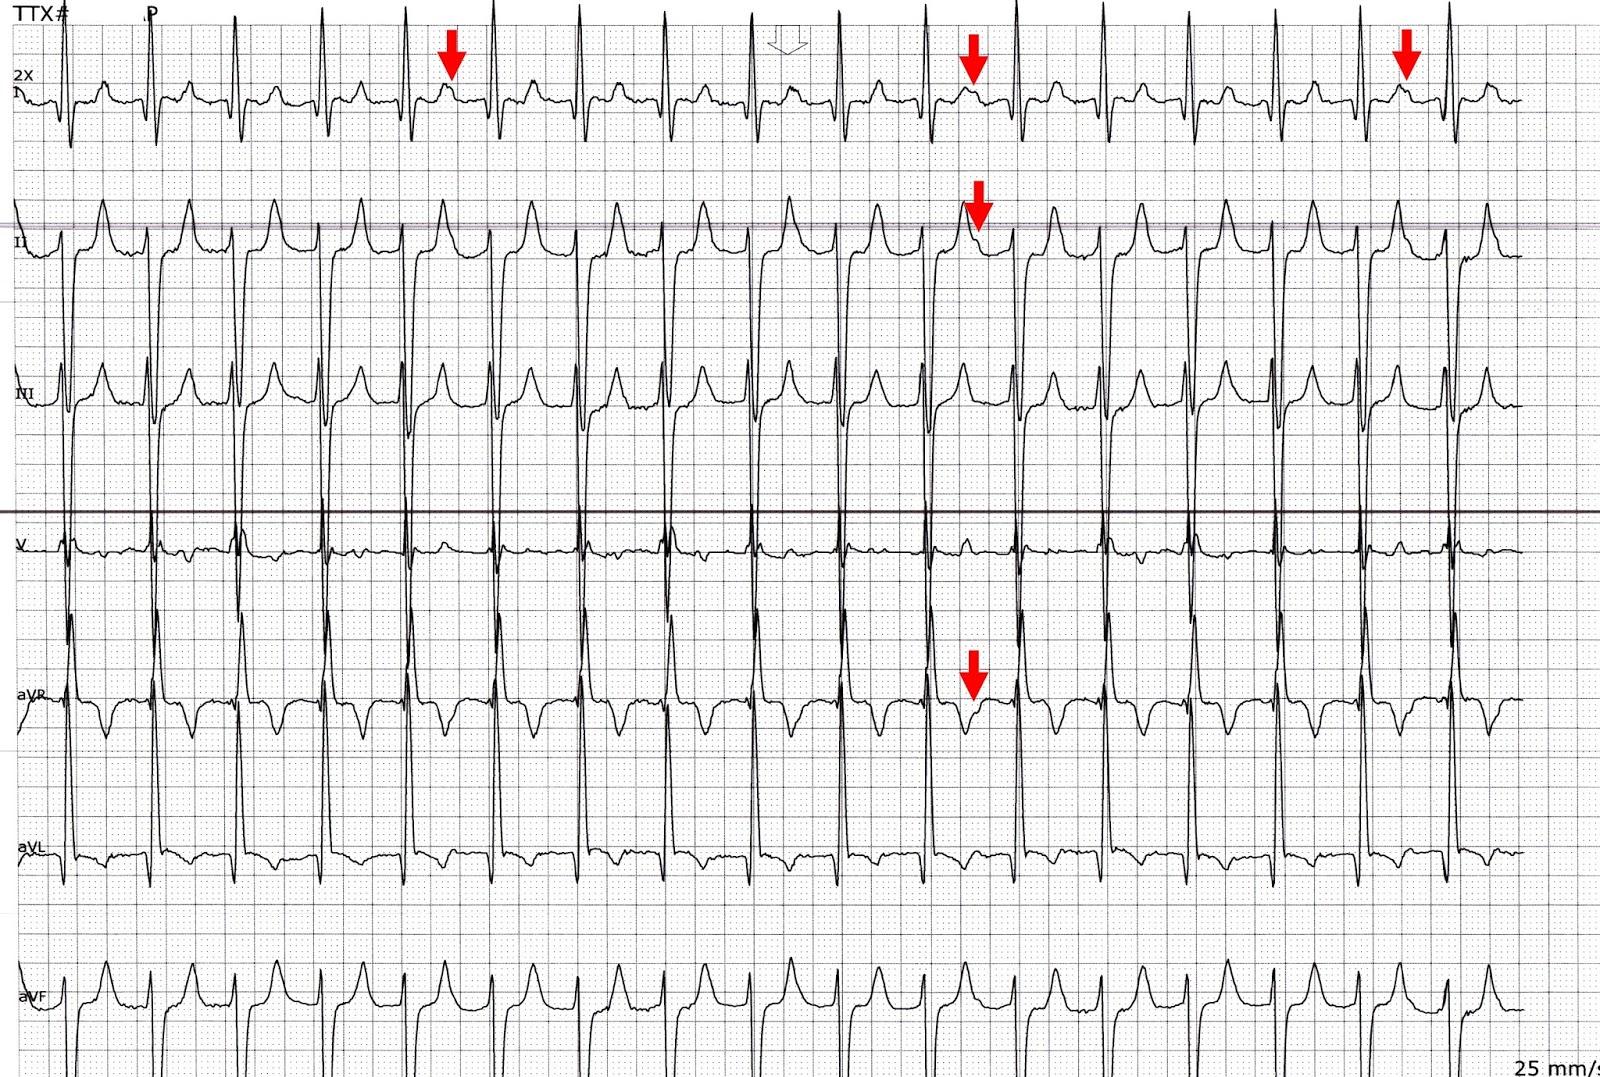 Ecg Rhythms Atrial Tachycardia Is Easier To Catch In Telemetry Floors